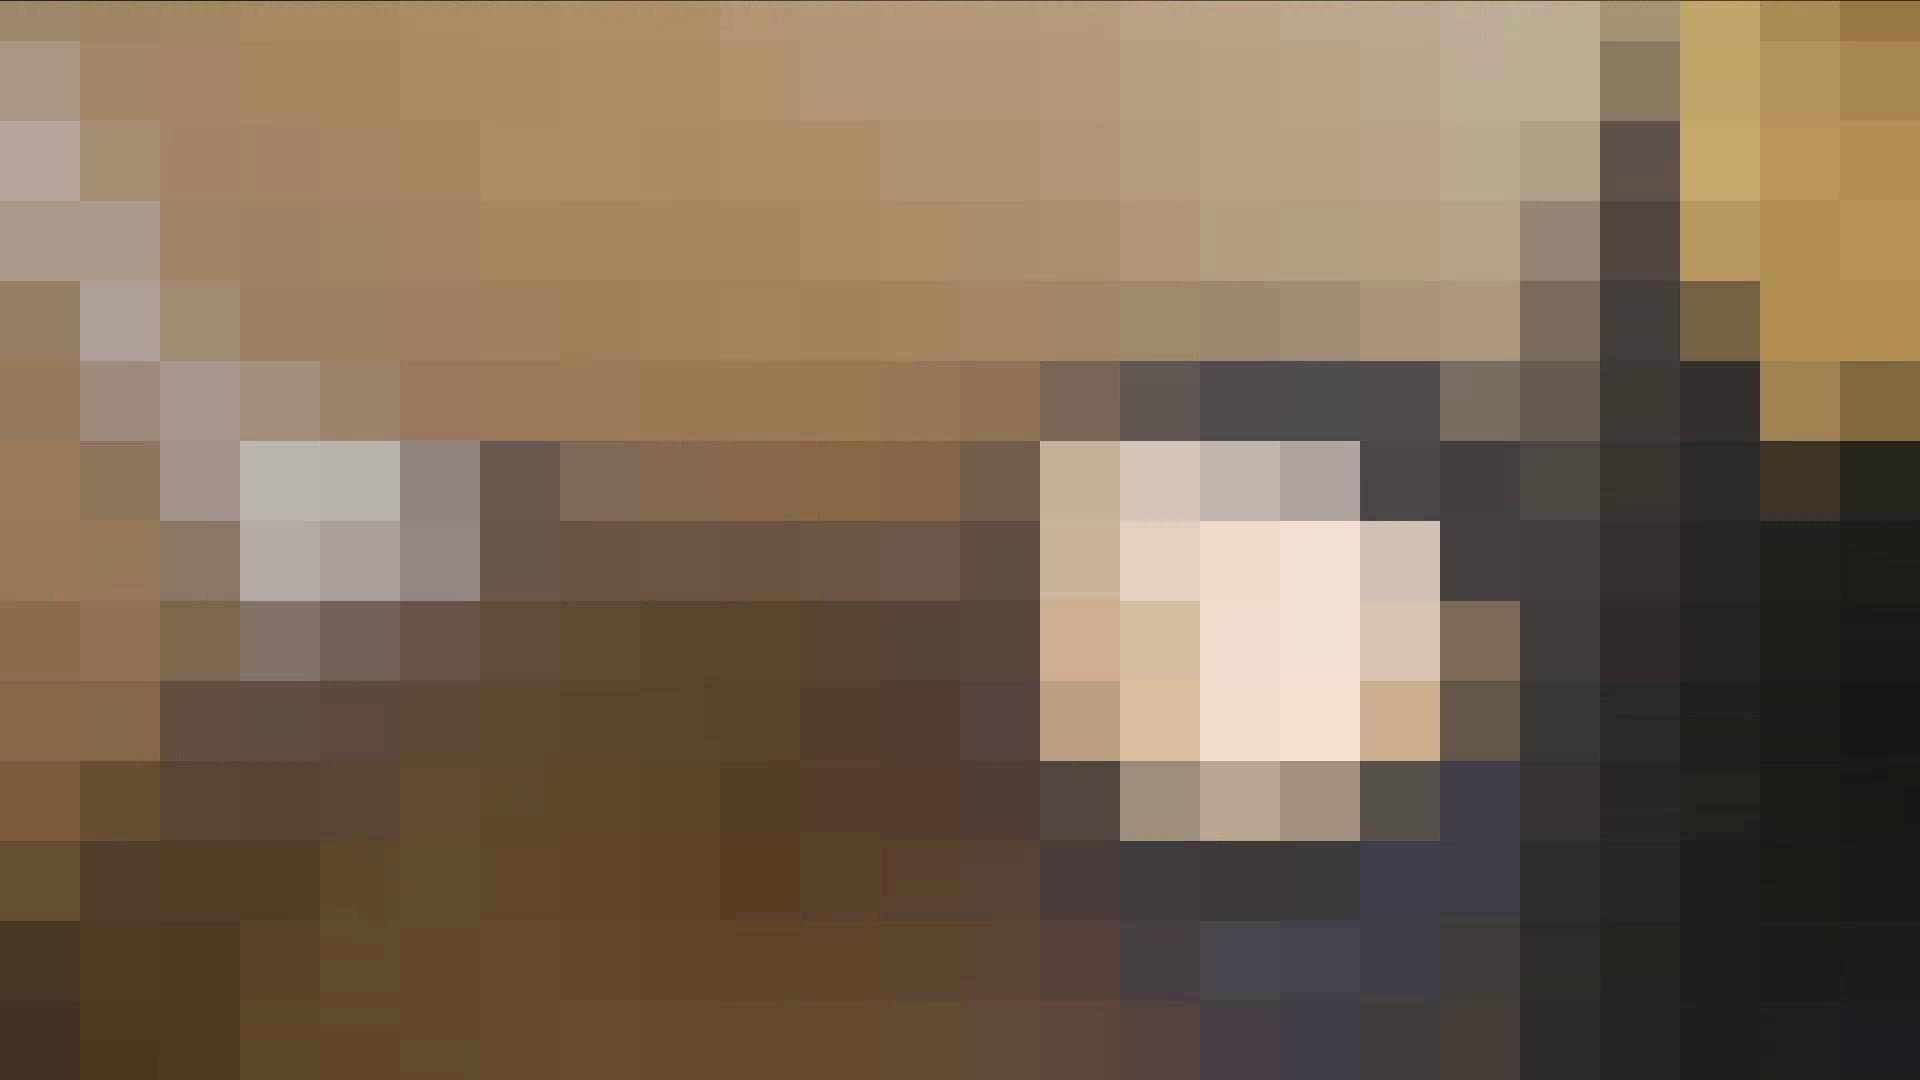 阿国ちゃんの「和式洋式七変化」No.17 美女  102PIX 37